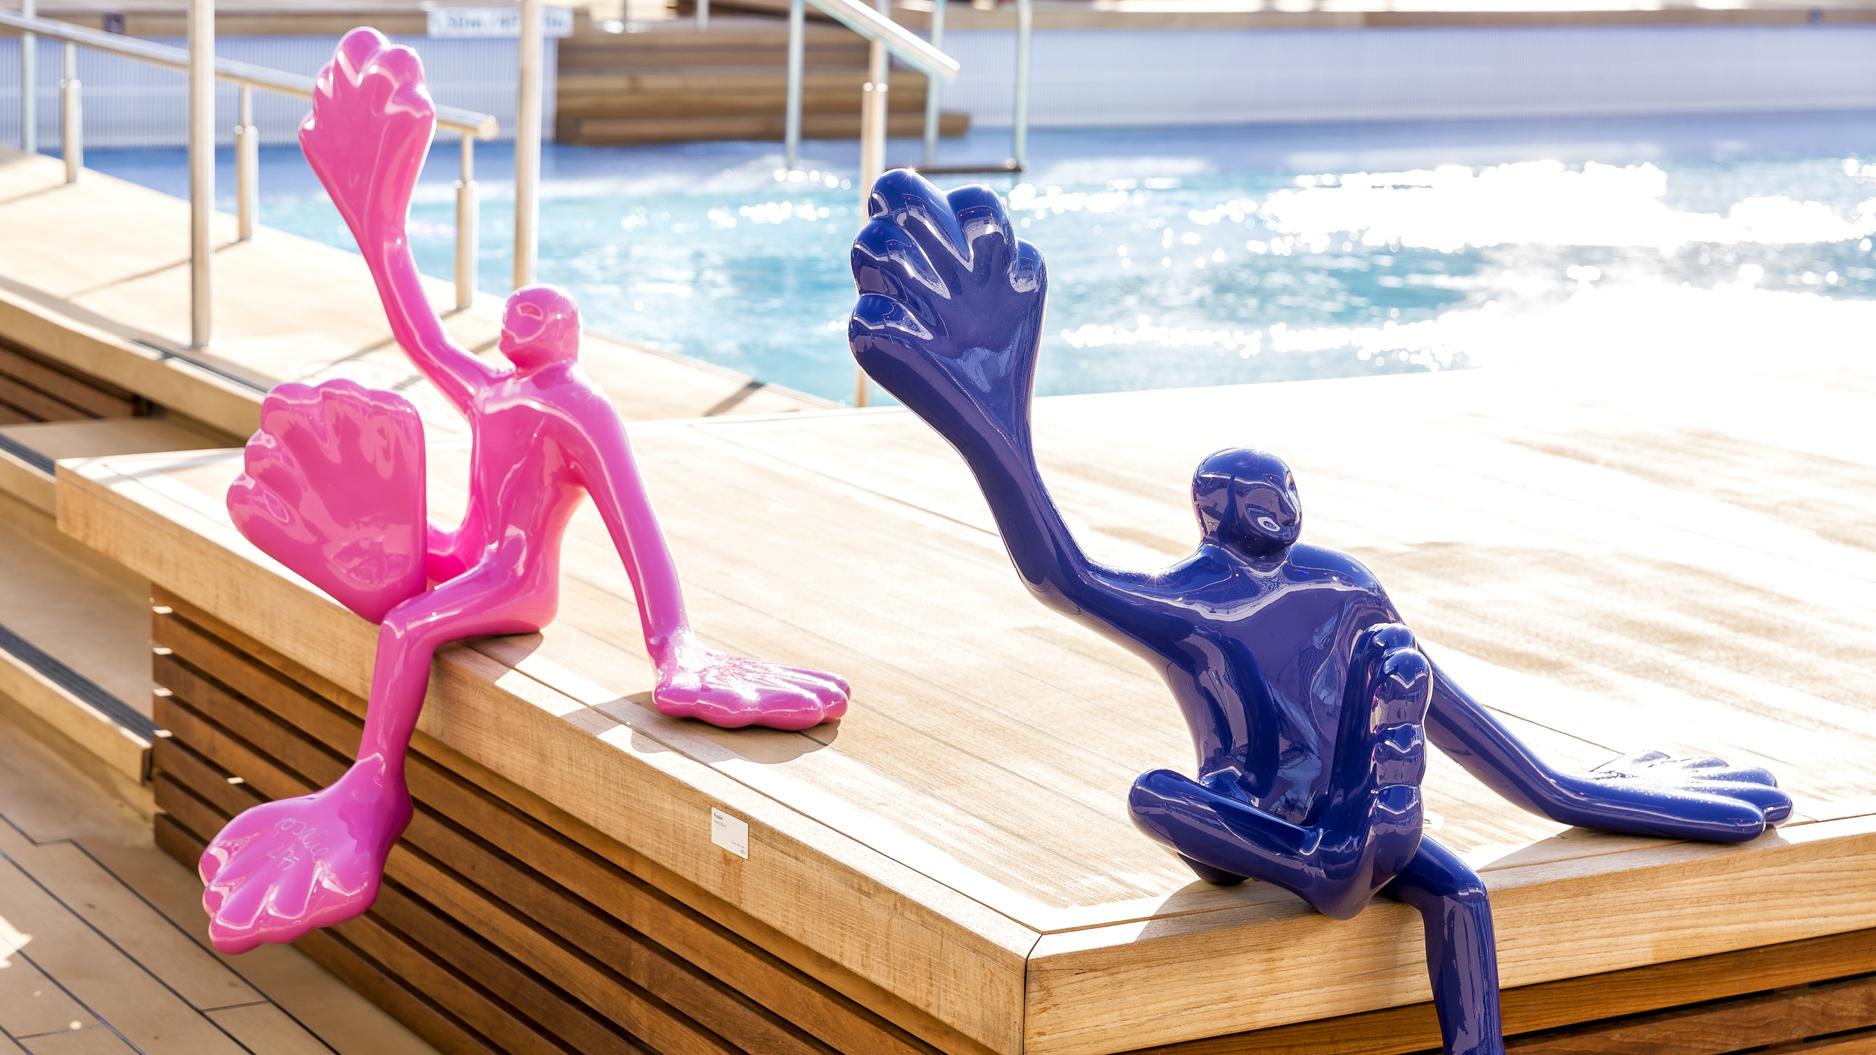 Mein Schiff Kunst: Flossis der Künstlerin Roslie